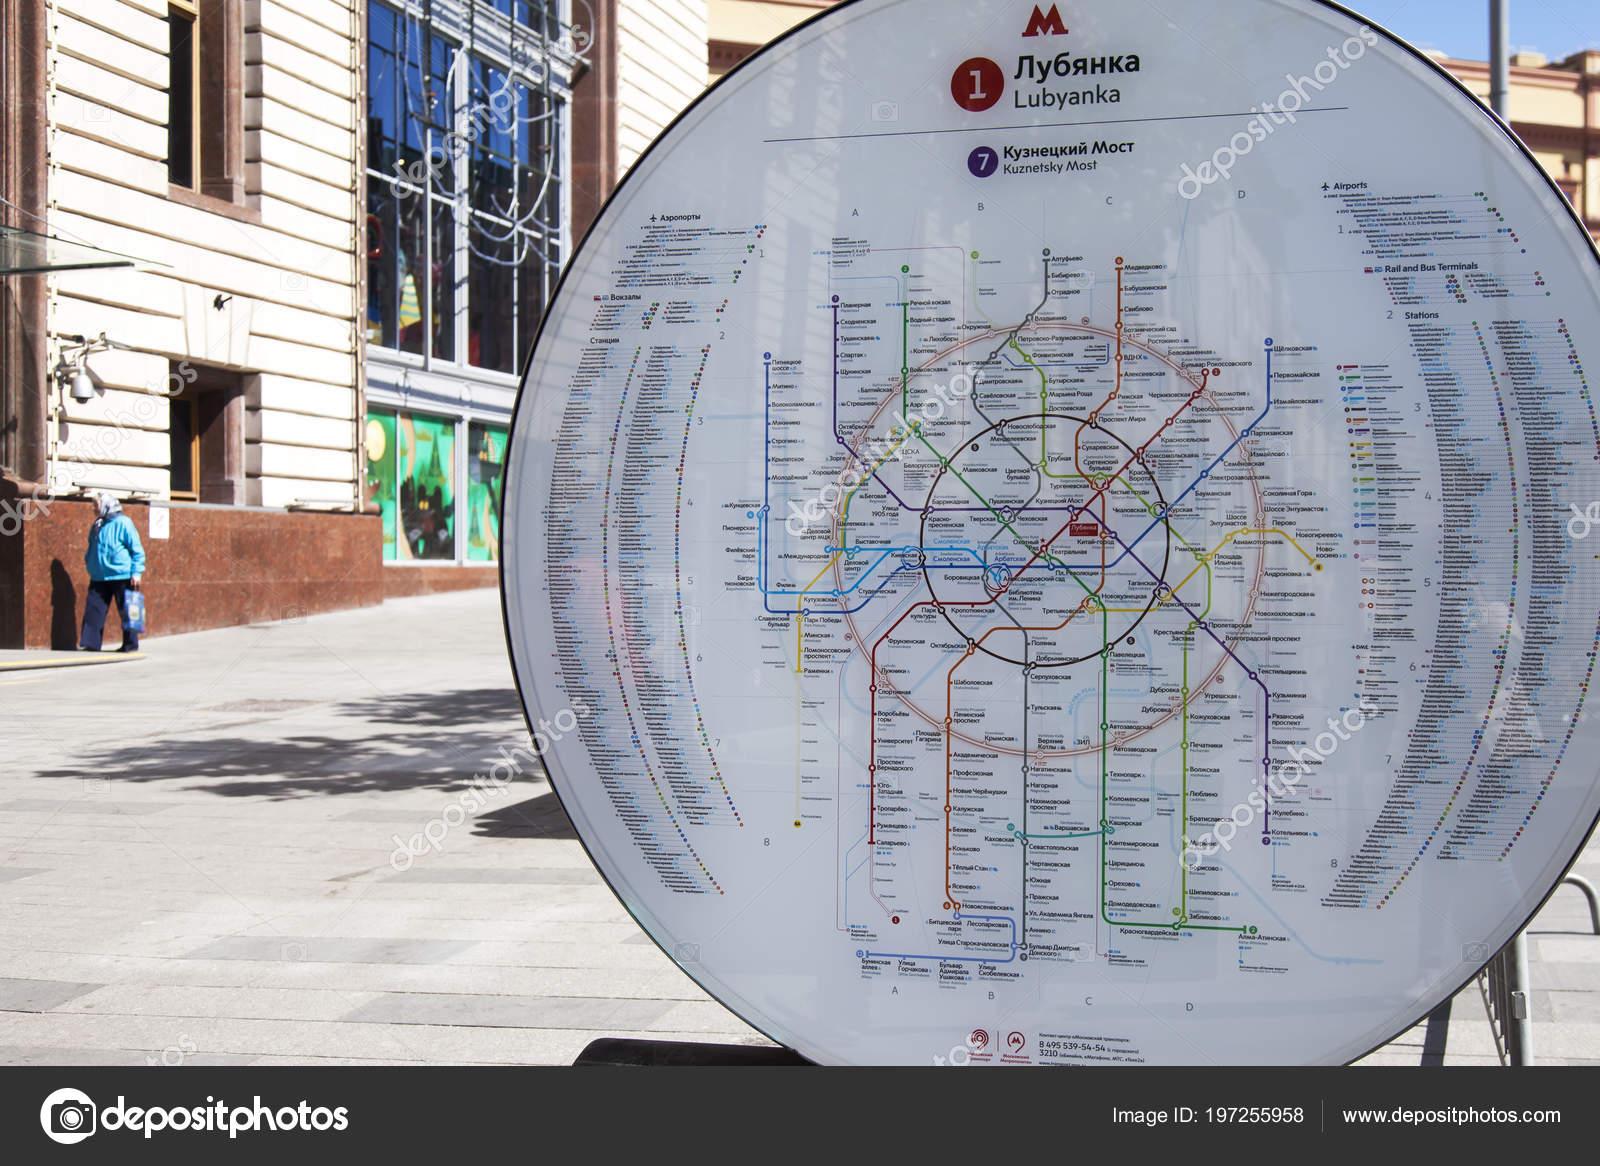 Subway Map May 2018.Moscow Russia May 2018 Subway Map Lubyanka Square Stock Editorial